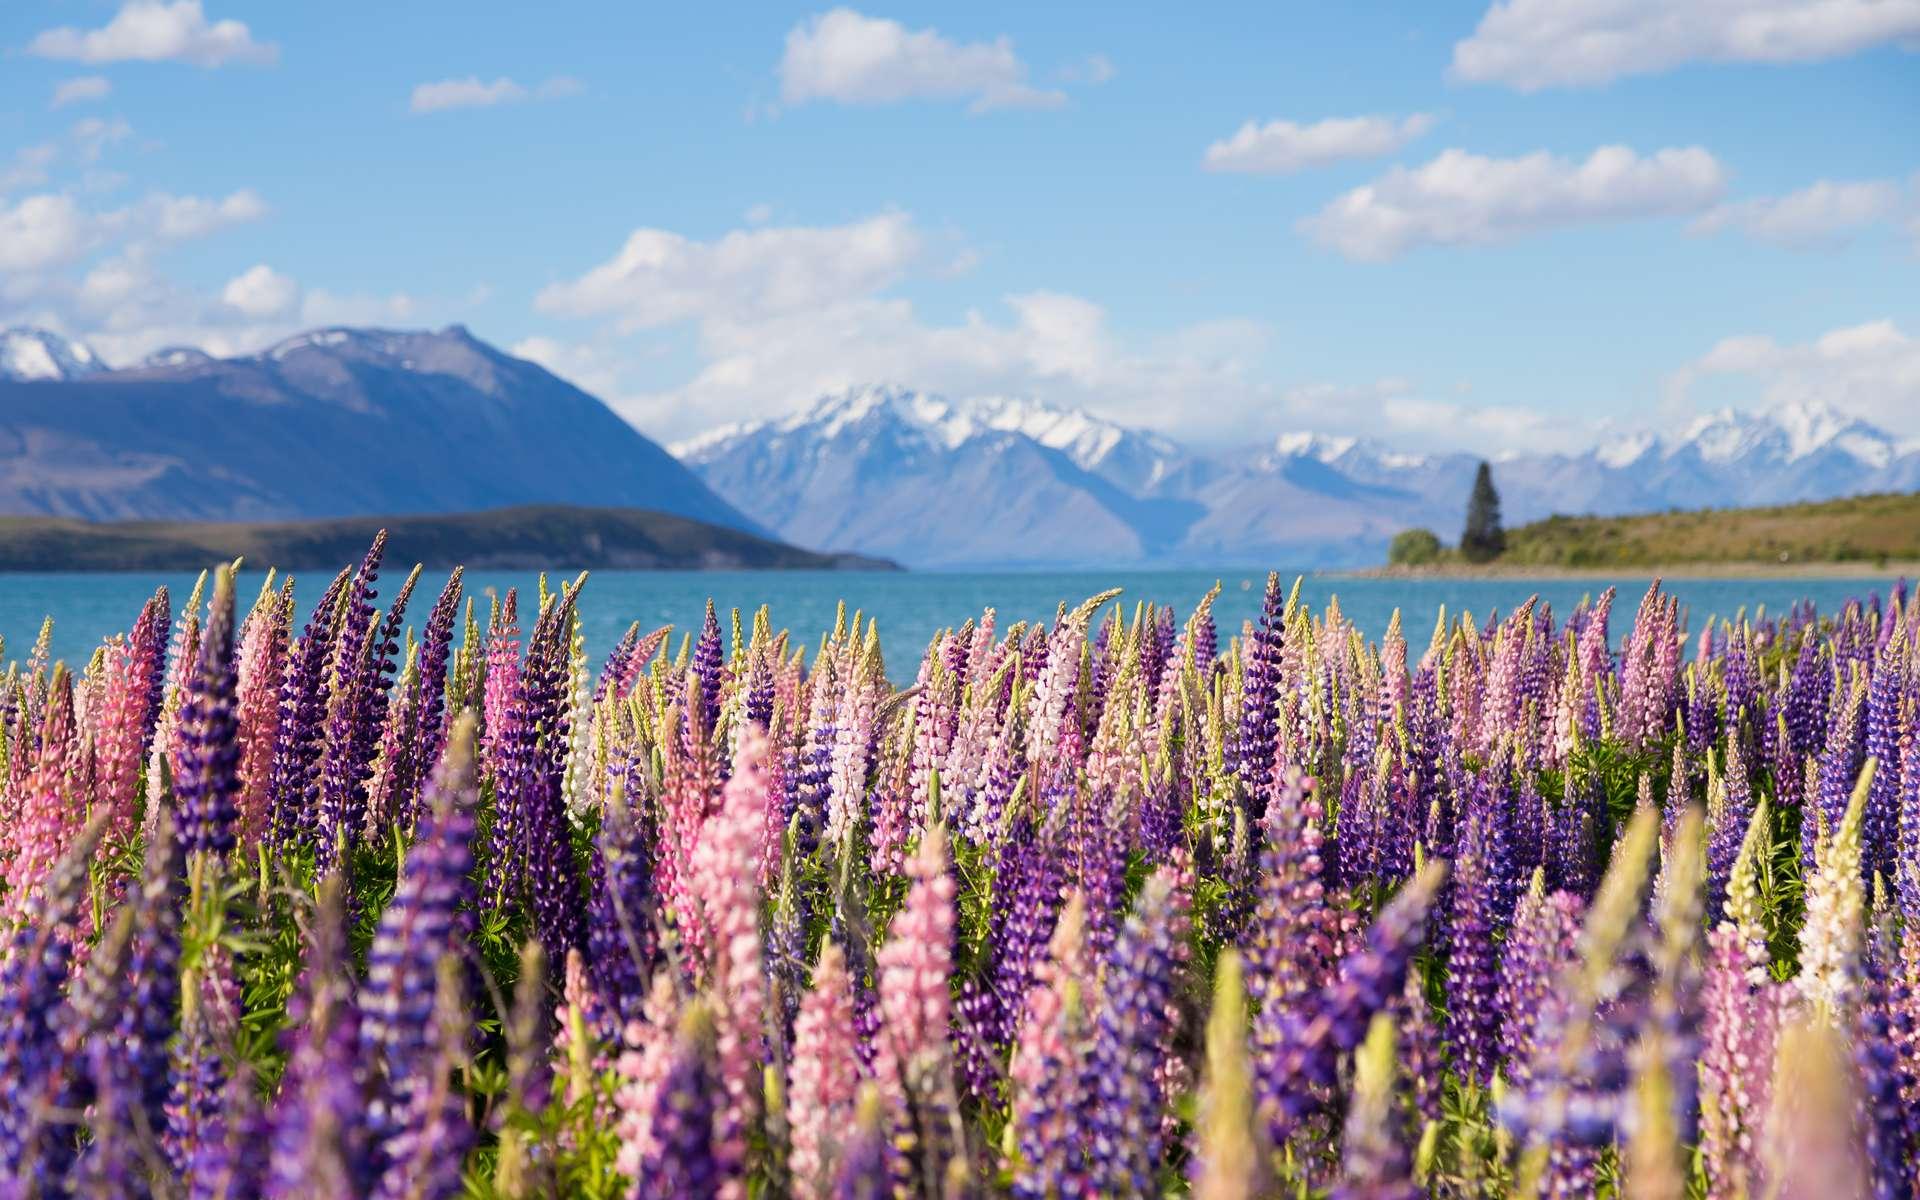 La Nouvelle-Zélande serait le pays le plus résilient en cas d'effondrement. © Wong Chun Wai, Adobe Stock